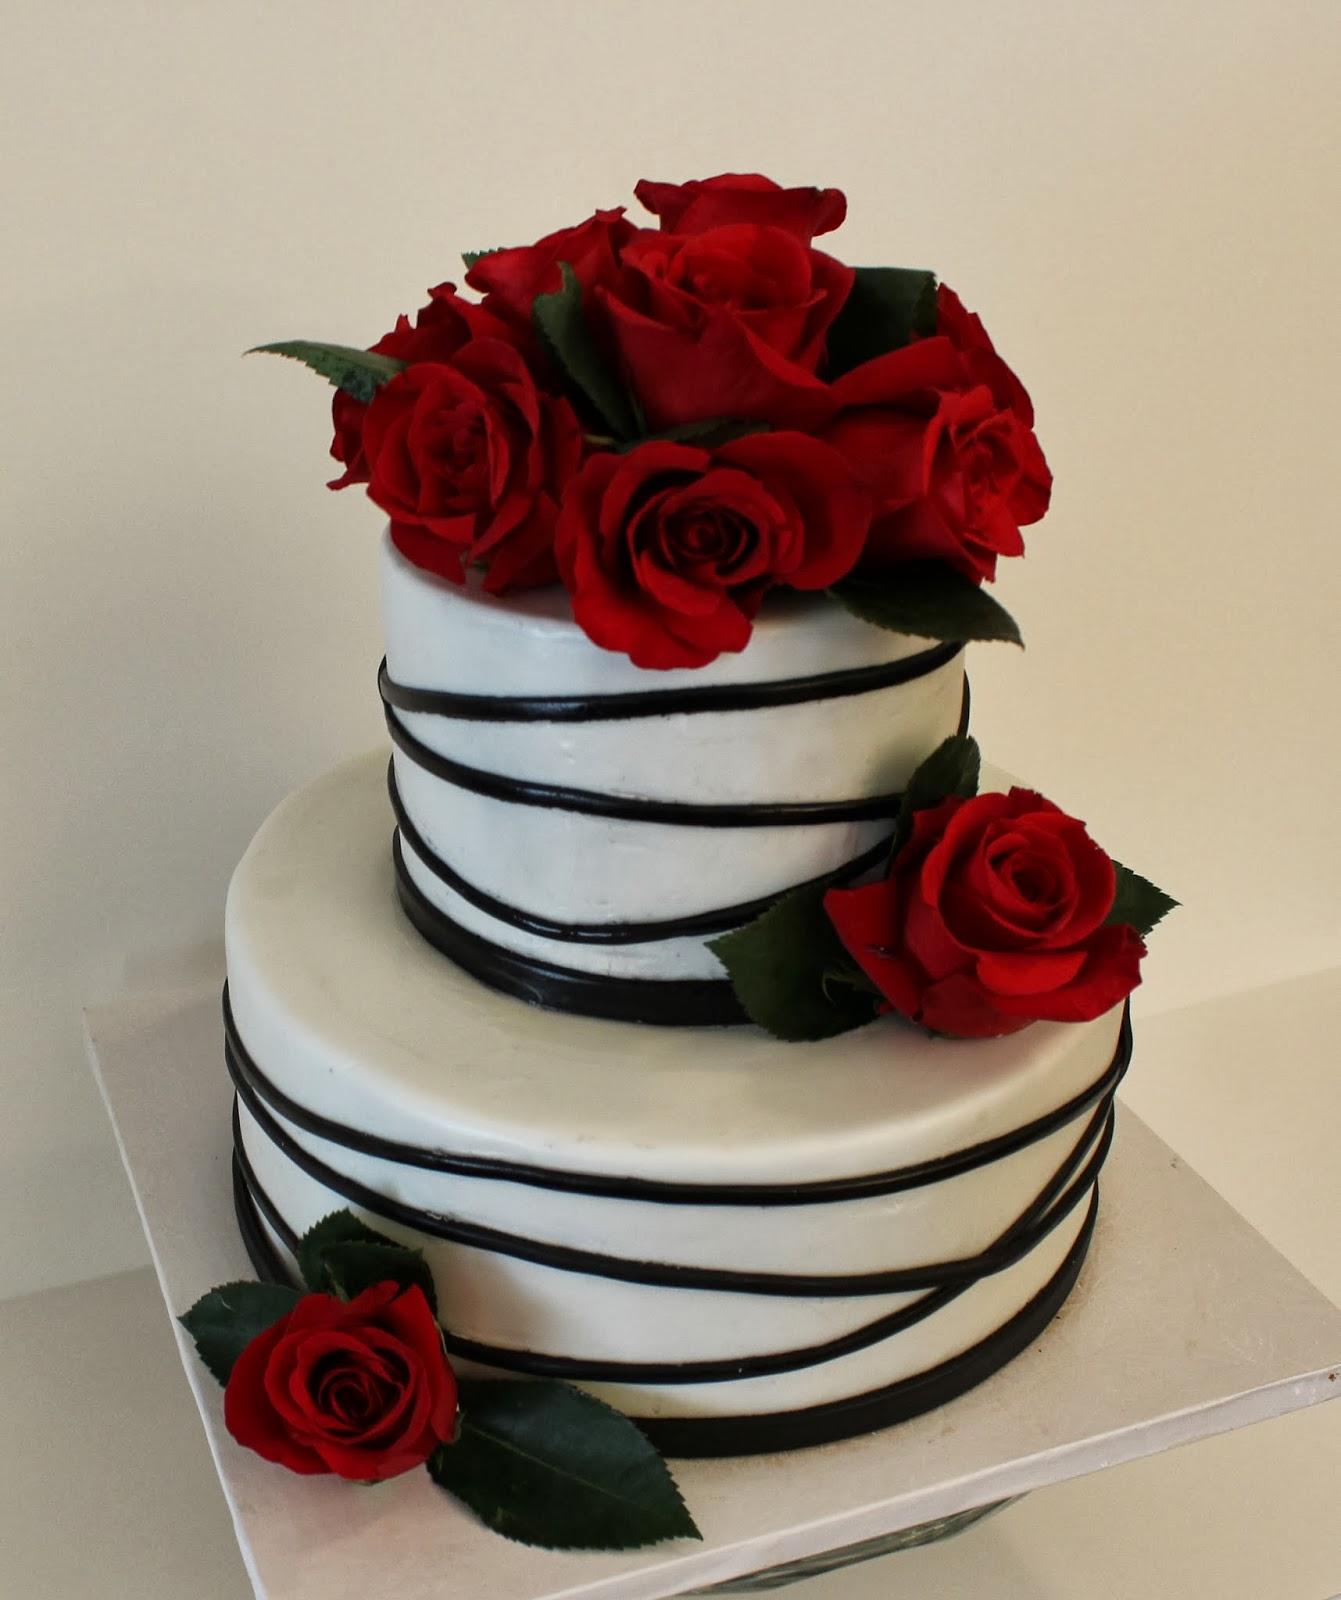 Online Delhi Best Cake Shops